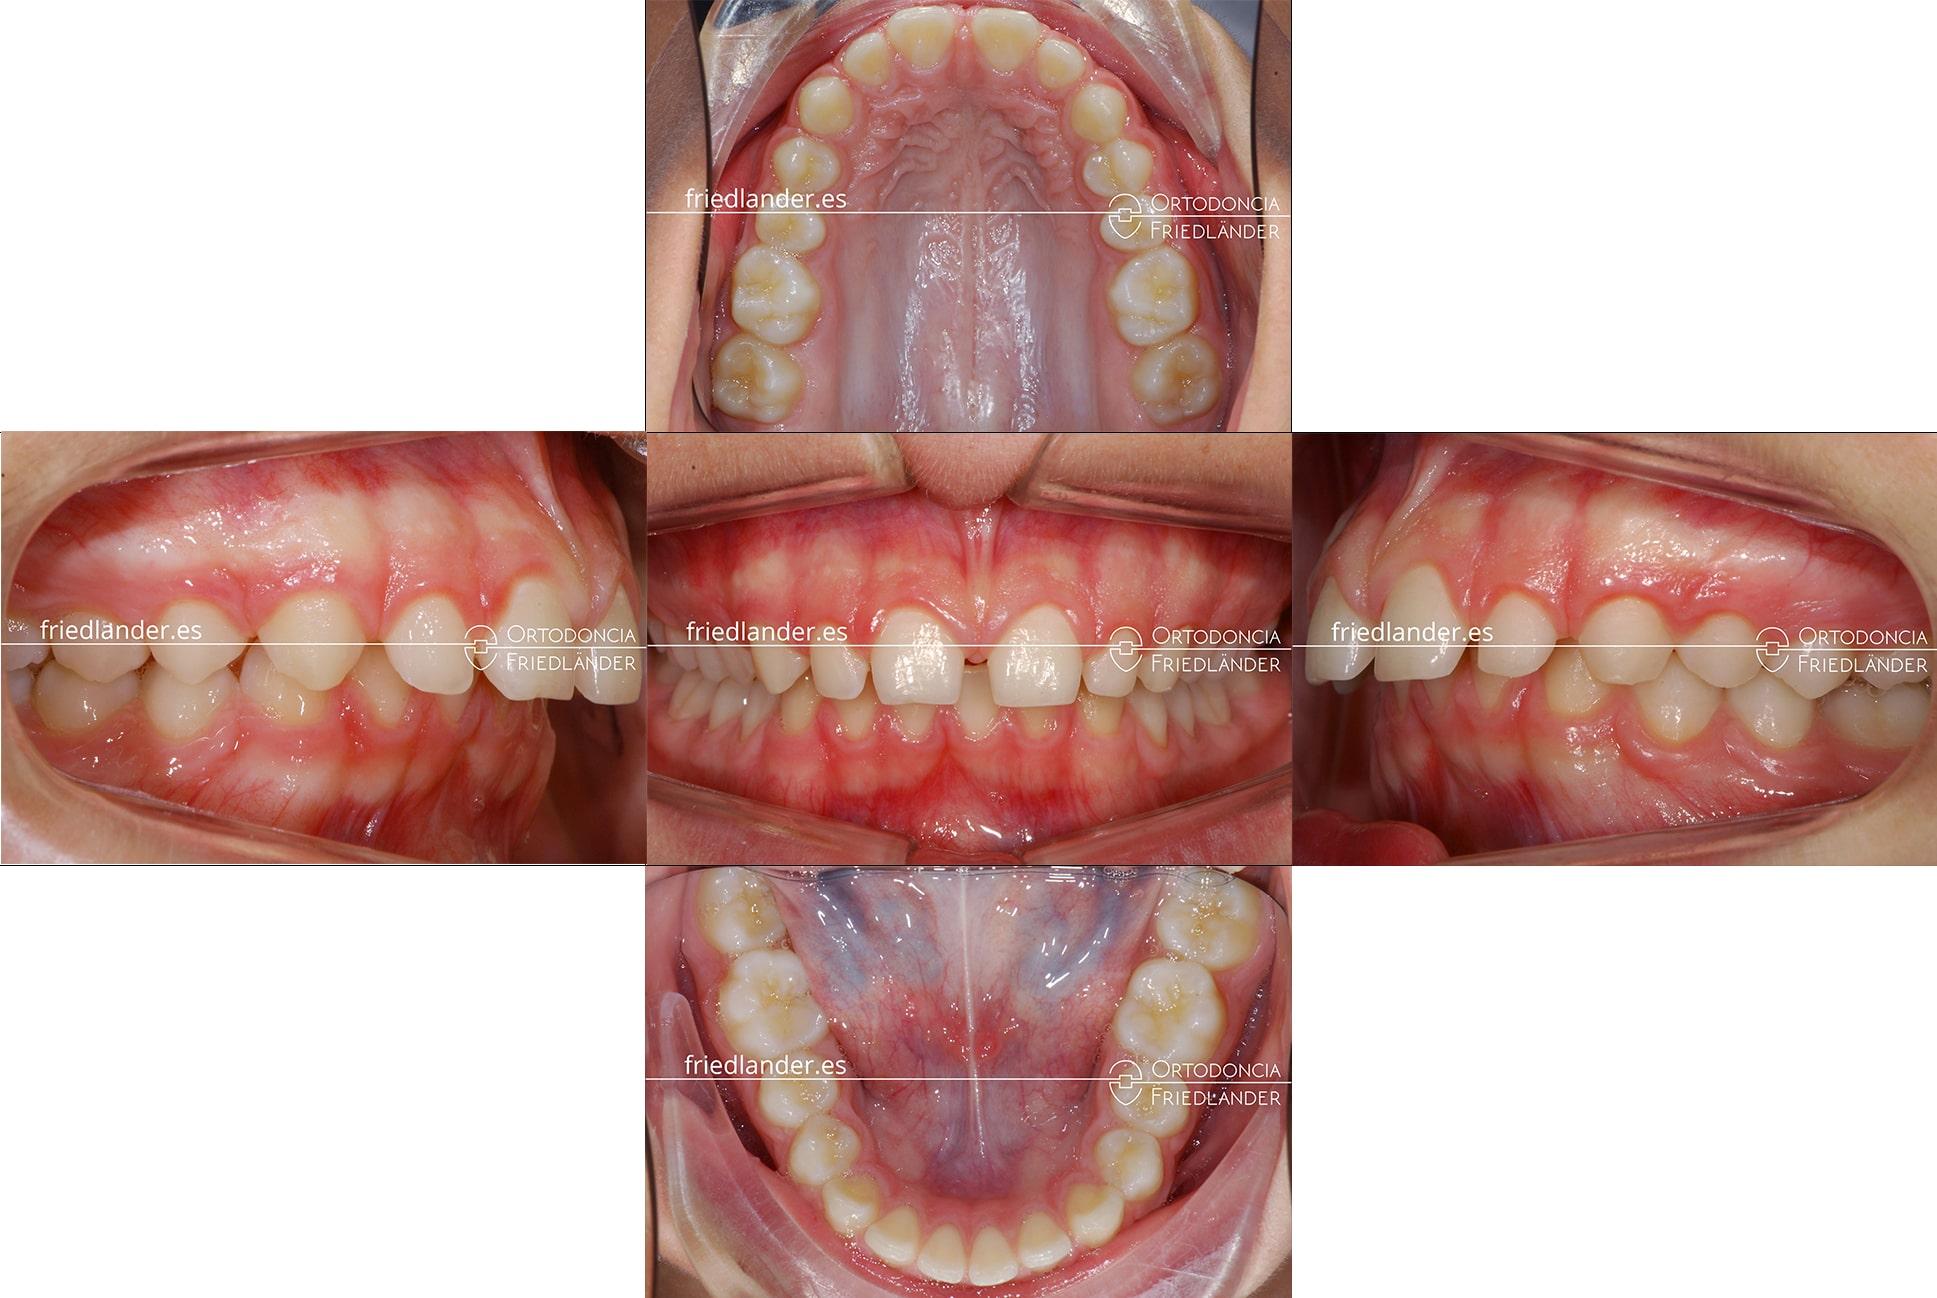 ortodoncia friedlander barcelona carillas laterales estetica antesv